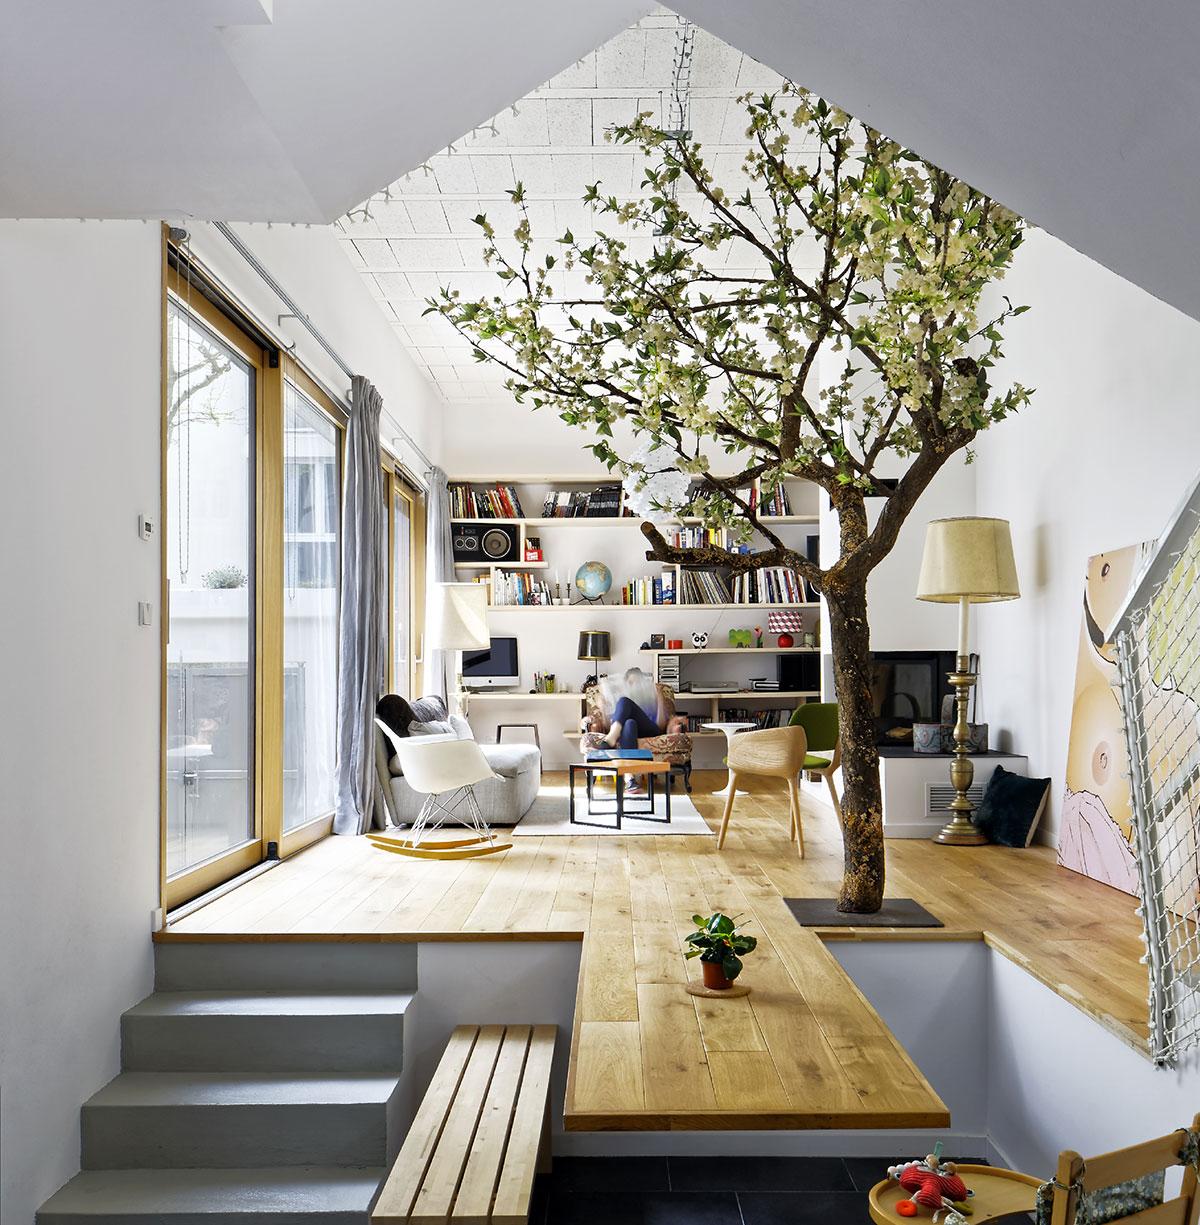 D Living De charles de dainville design d house